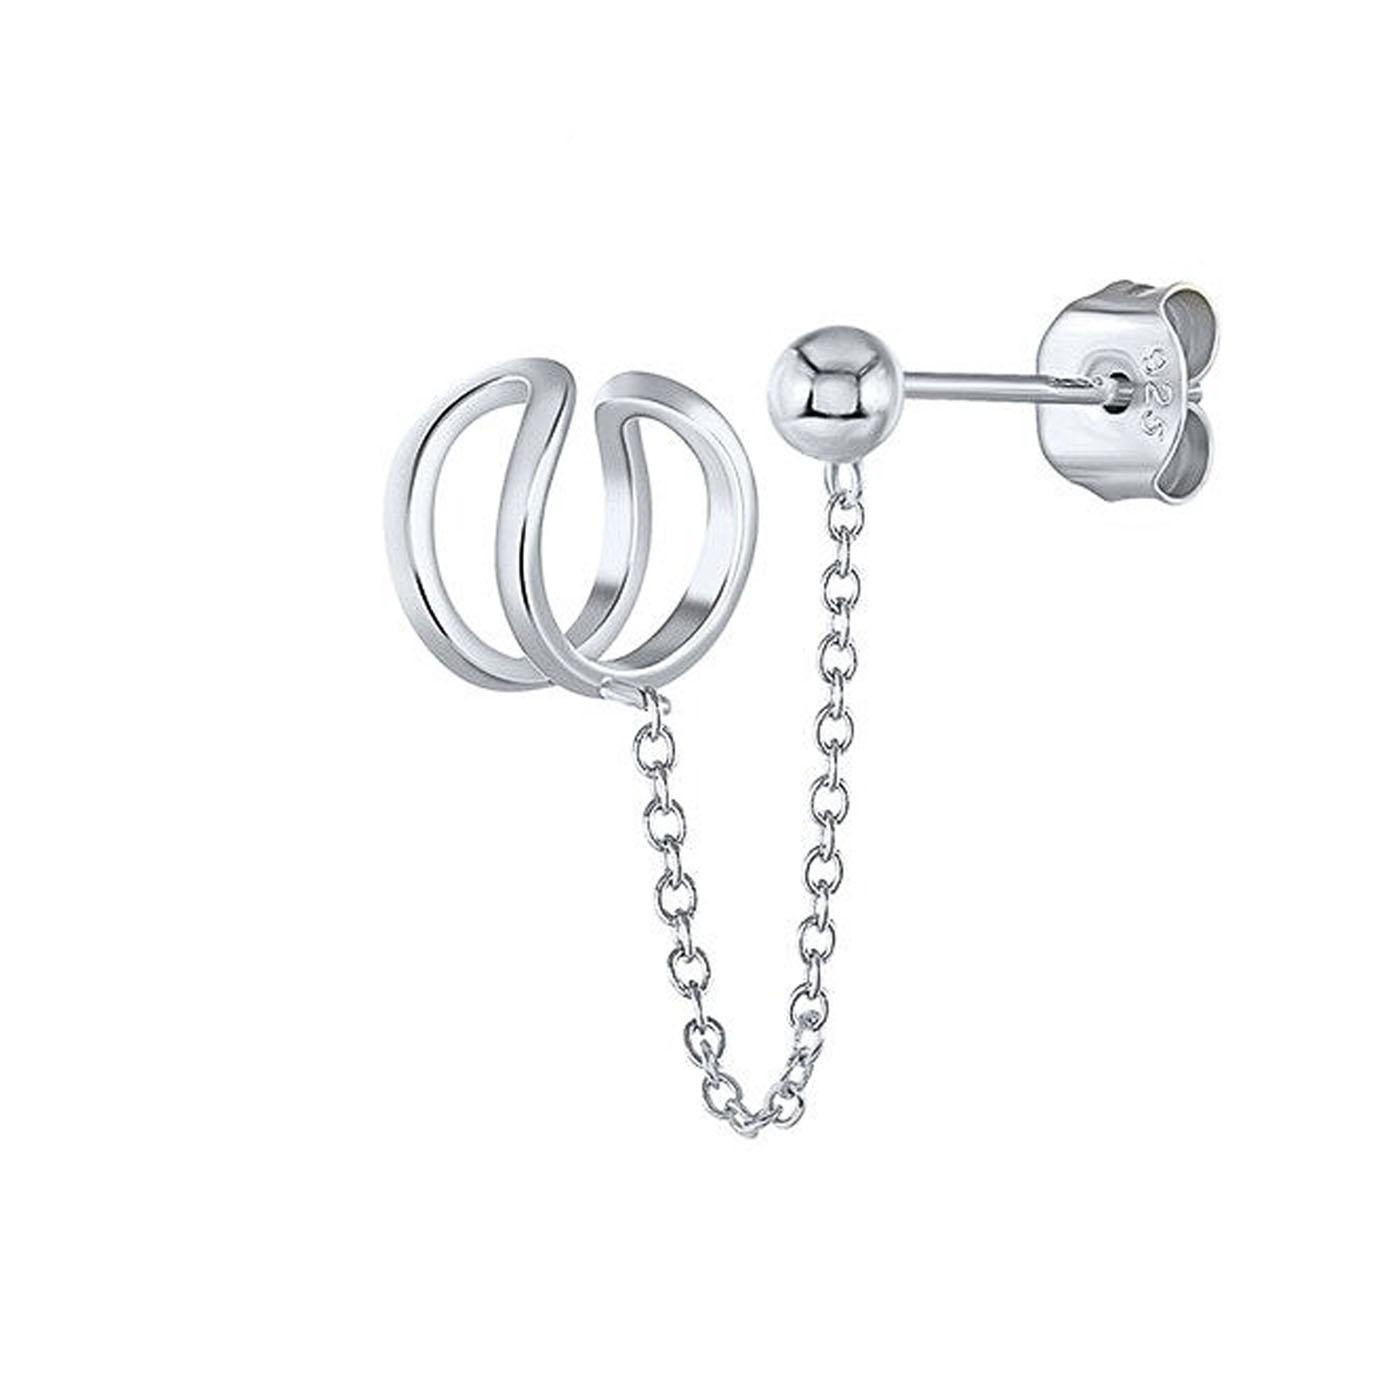 boucle d'oreille et faux piercing cartilage chaine silver